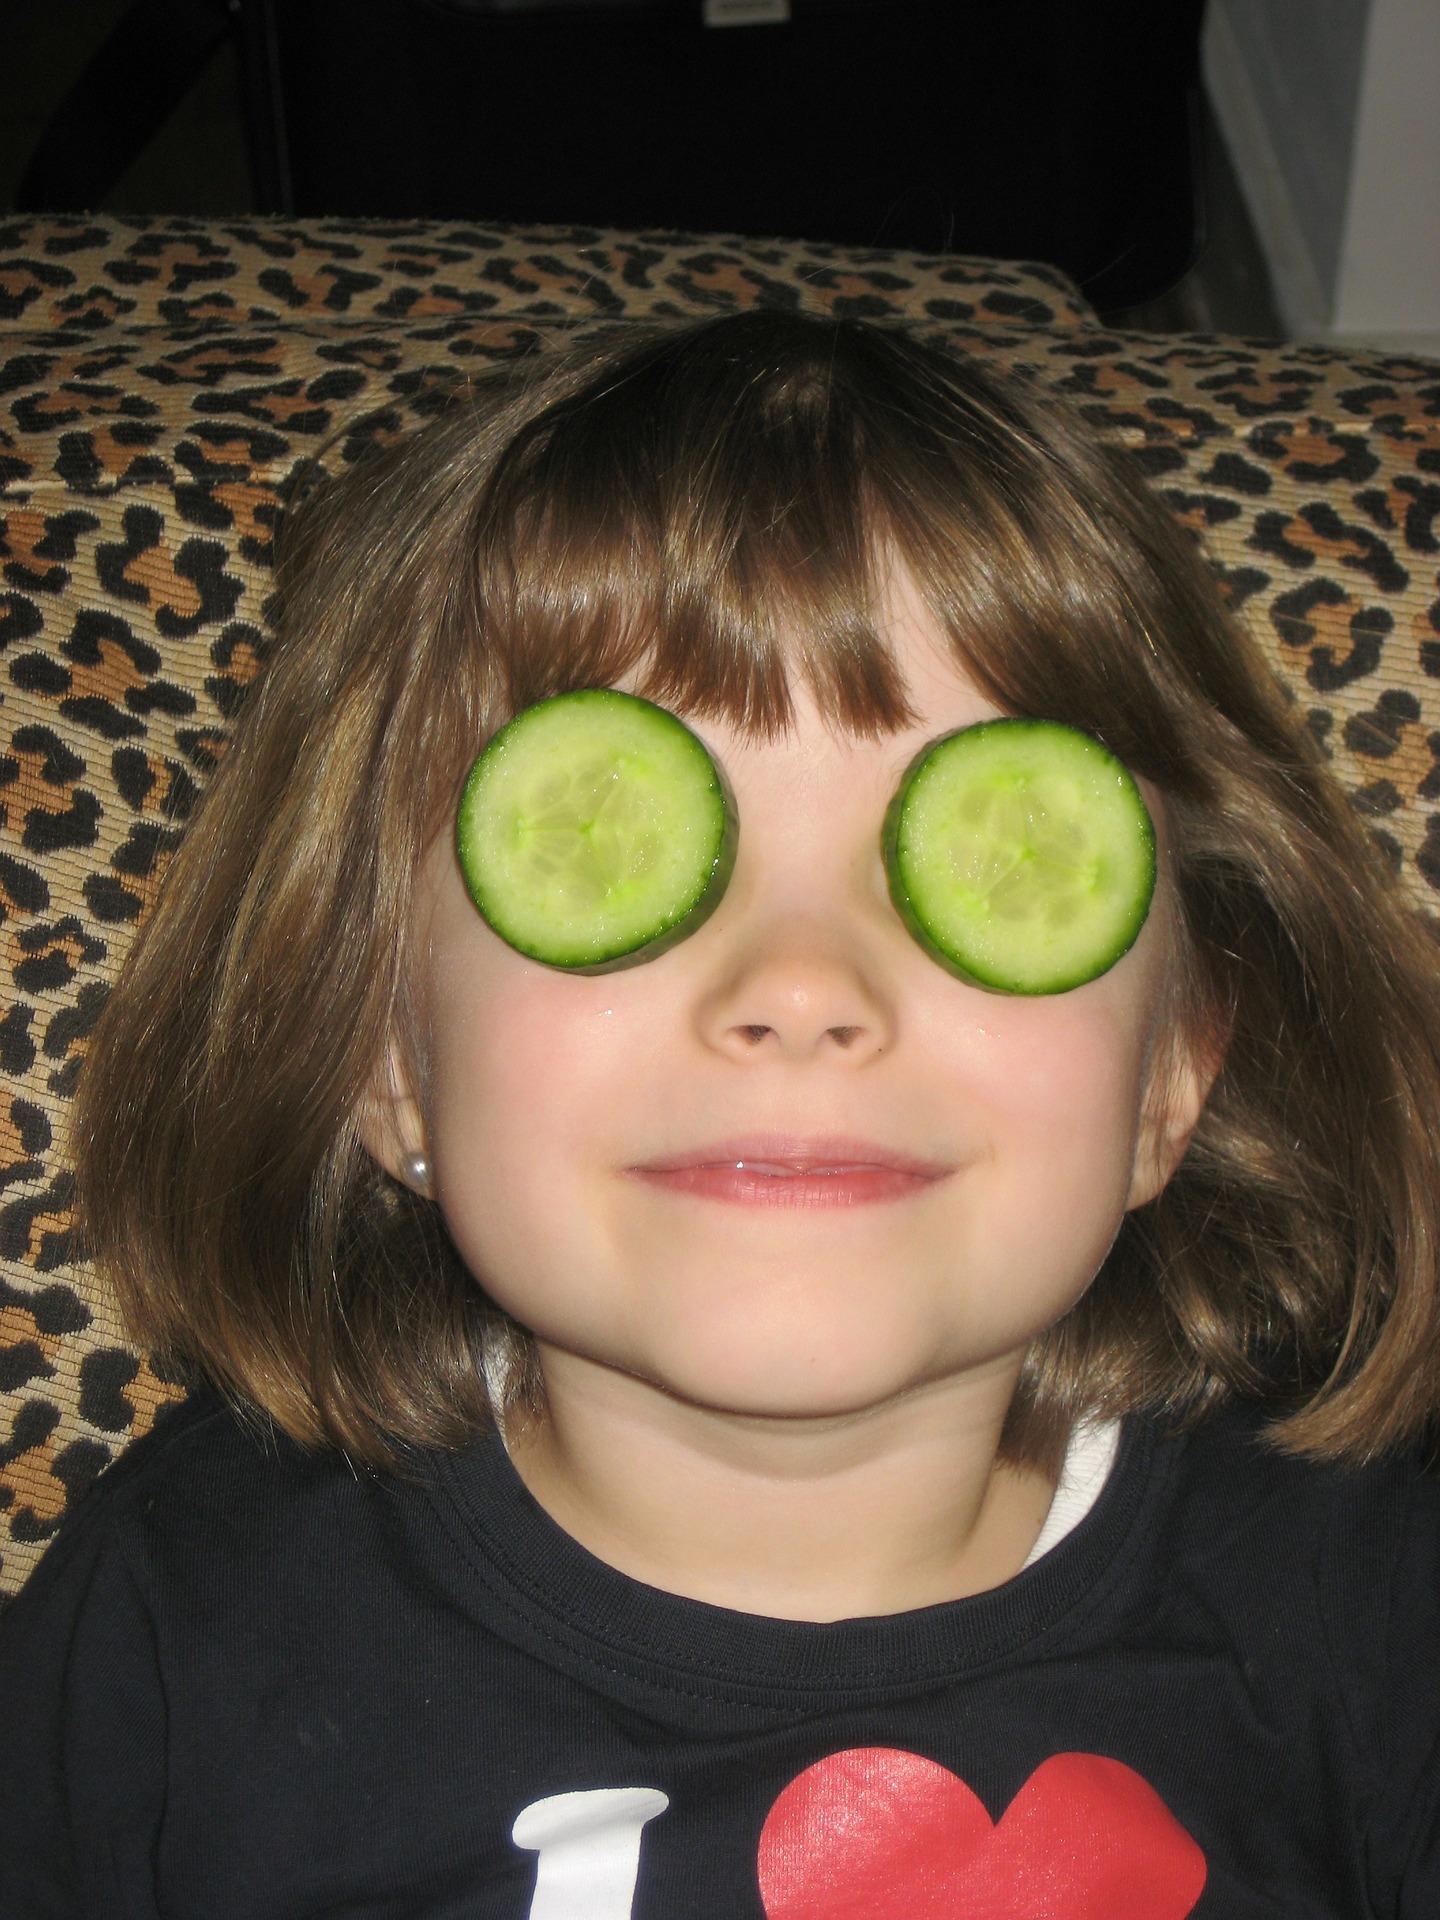 10 optiker tipps gegen trockene augen pearle sterreich - Trockene luft im schlafzimmer hausmittel ...